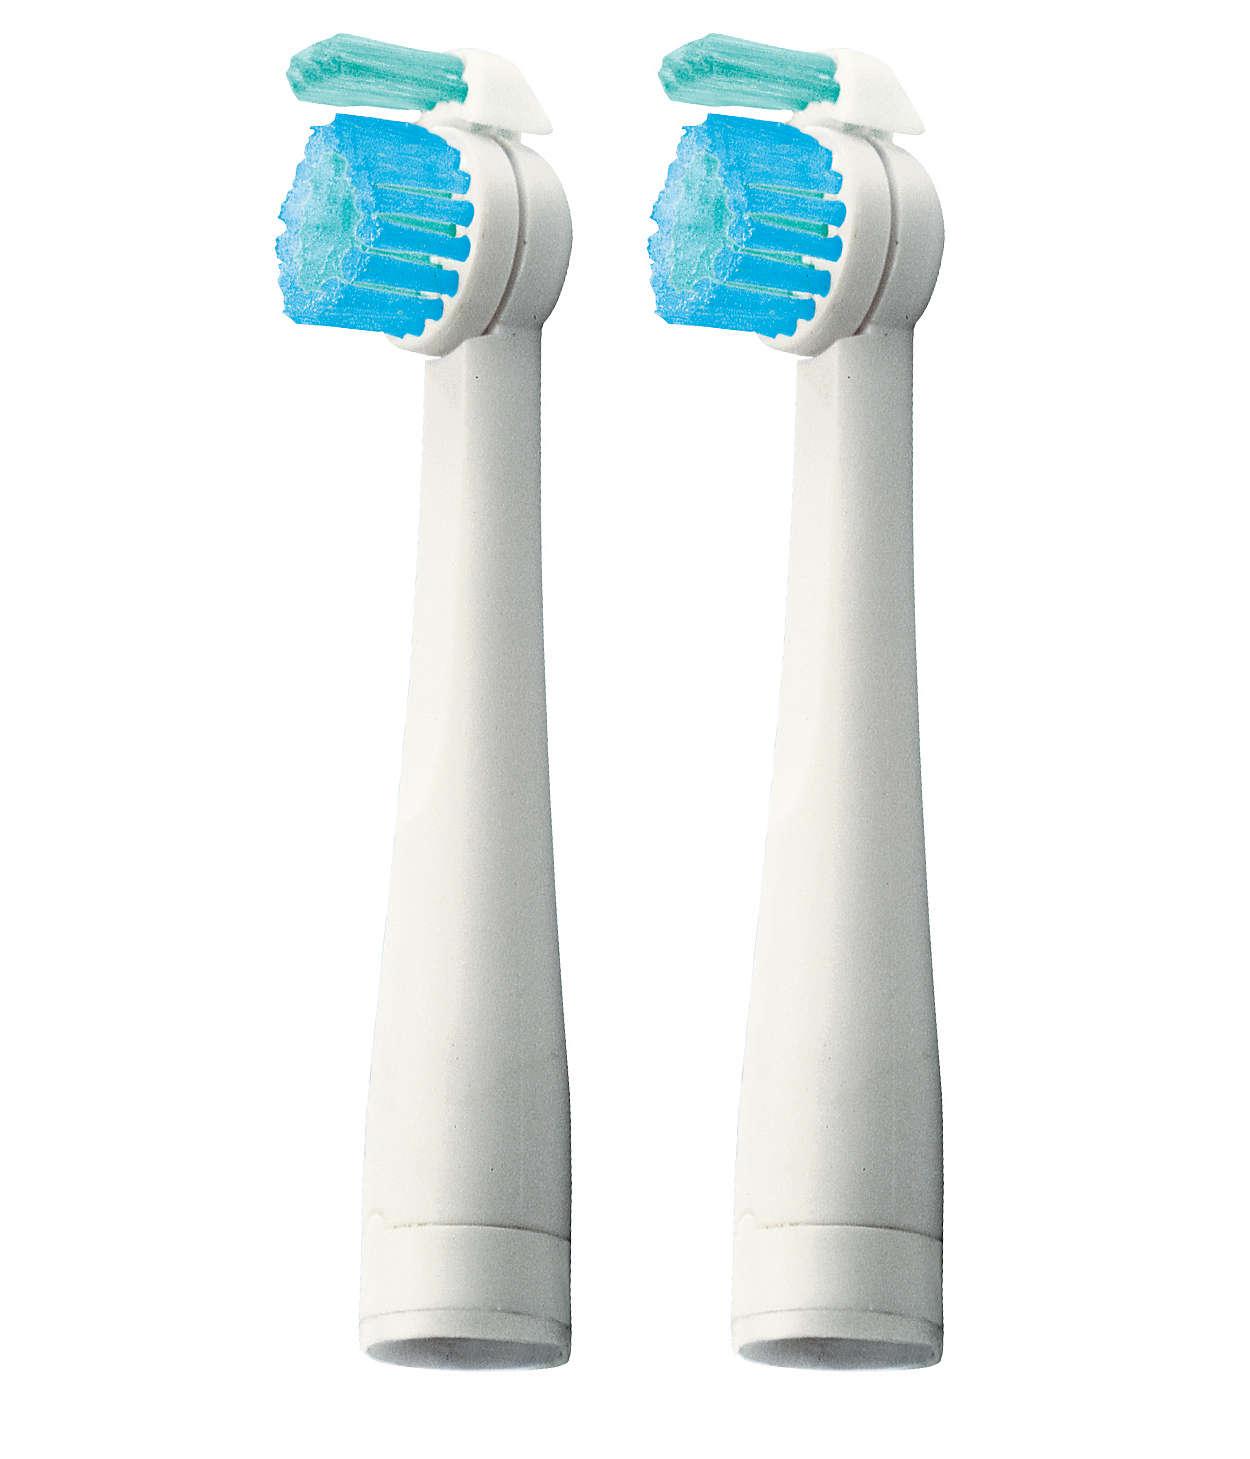 Vervangende Sensiflex-opzetborstels